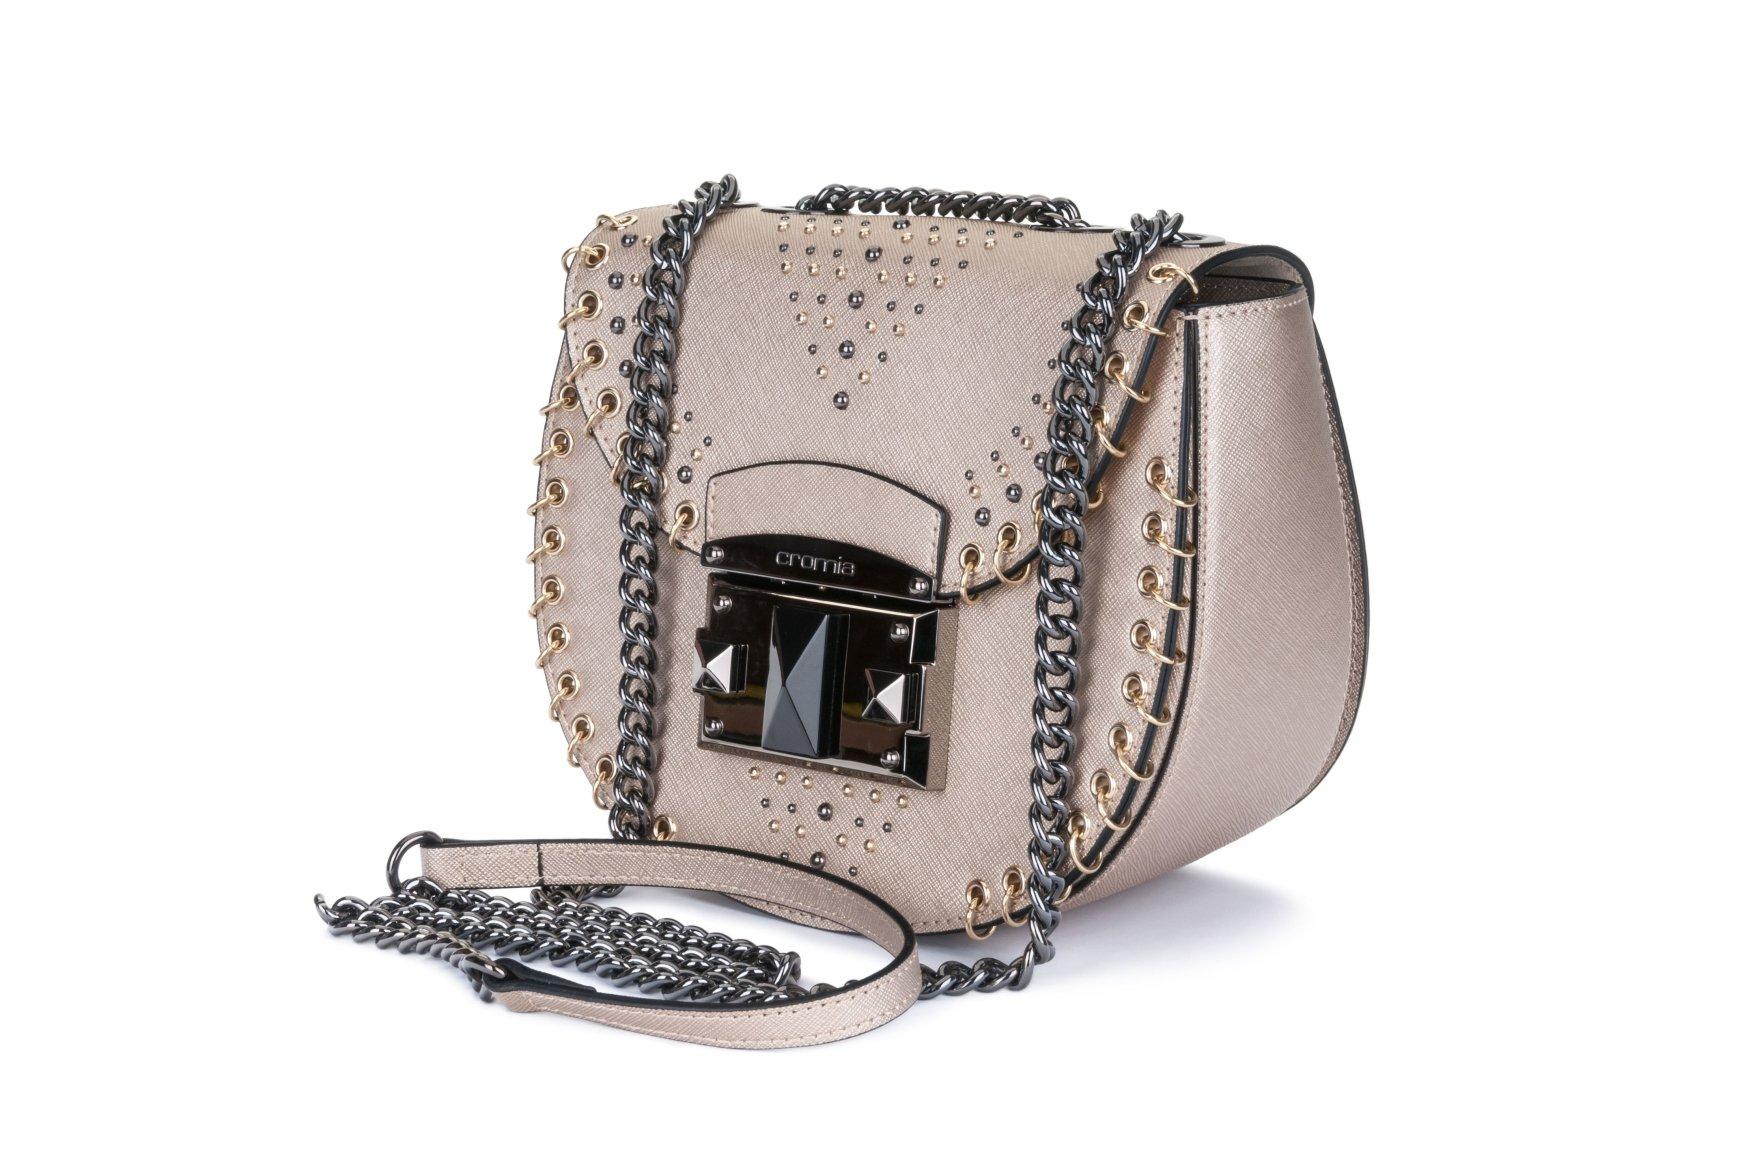 09314044ccc8 Купить сумку из из гладкой телячьей кожи IT Becca Cromia Украина - Estro